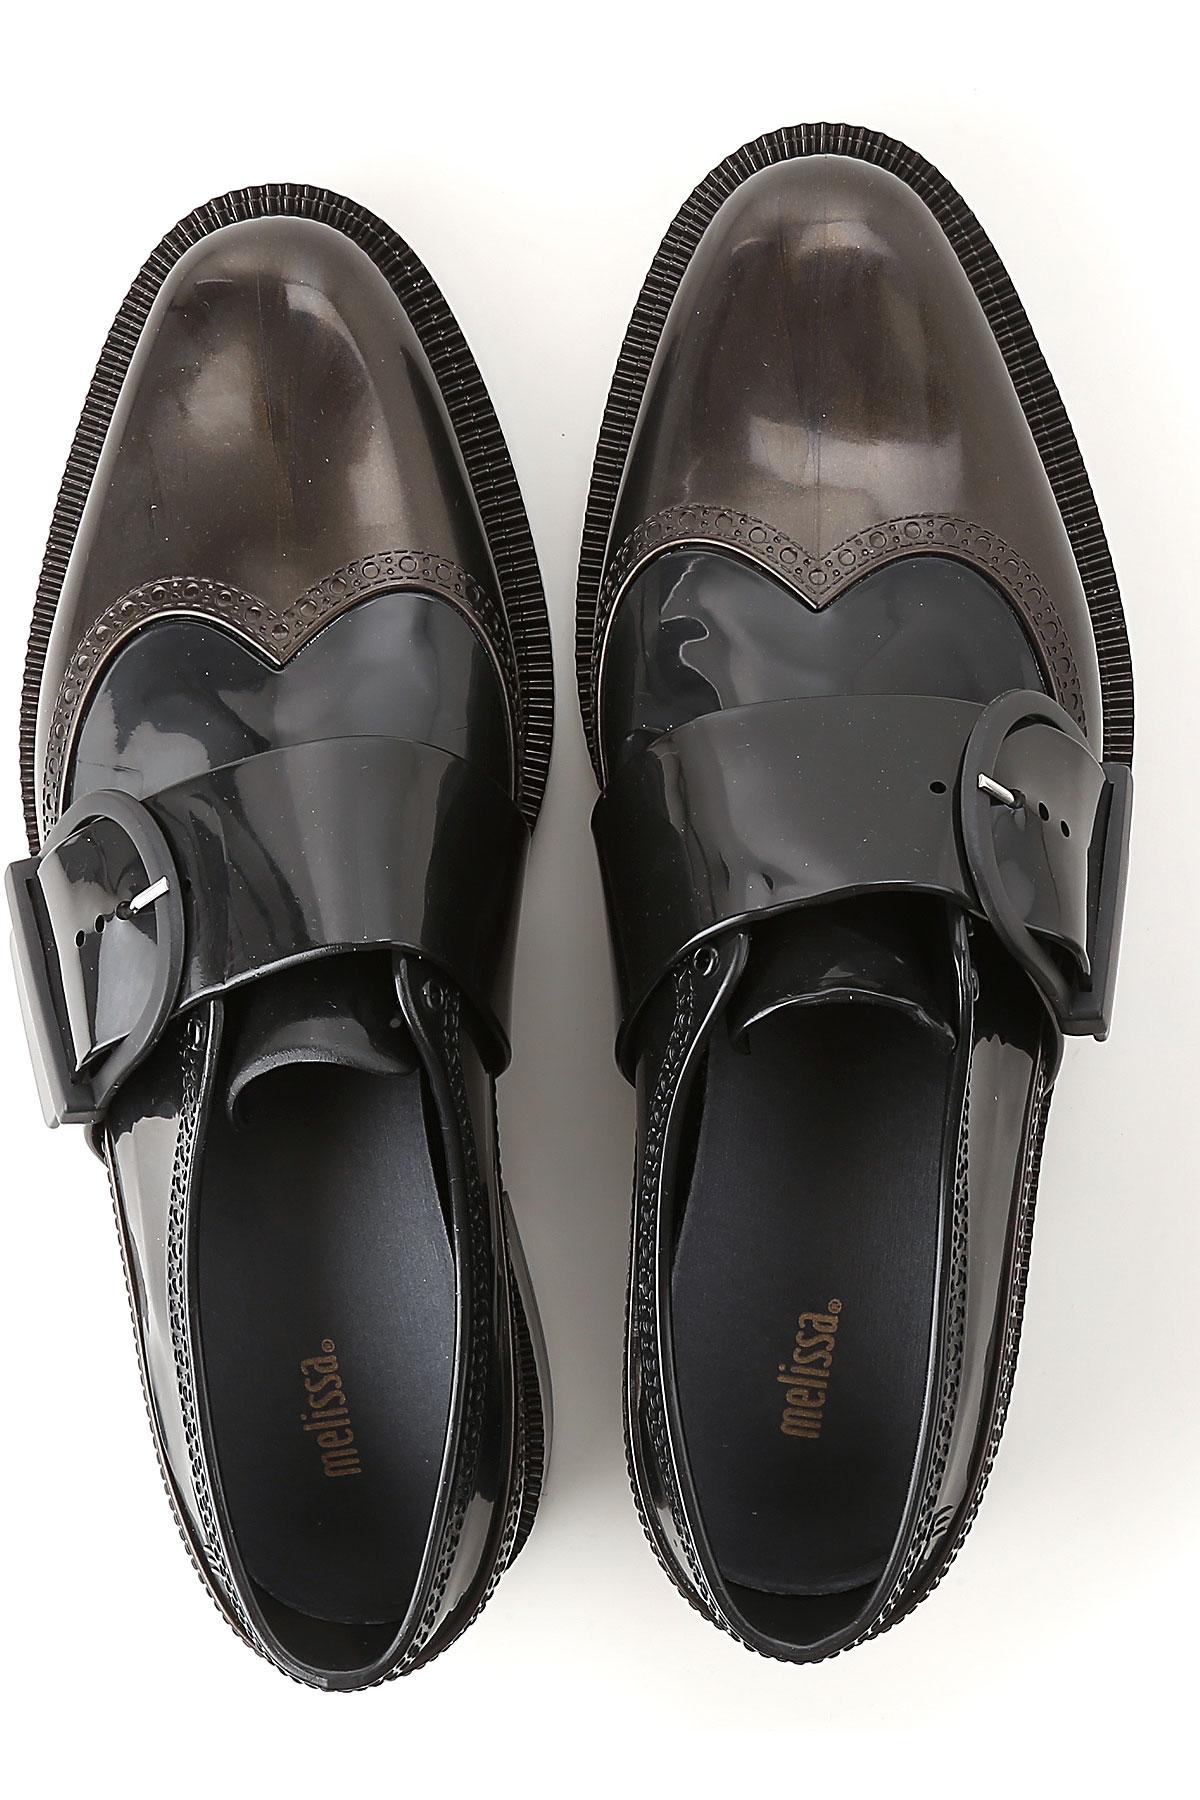 Otoño 2018 Zapatos Negro Para 19 Melissa nbsp; invierno Hombres Sq647w4nxf